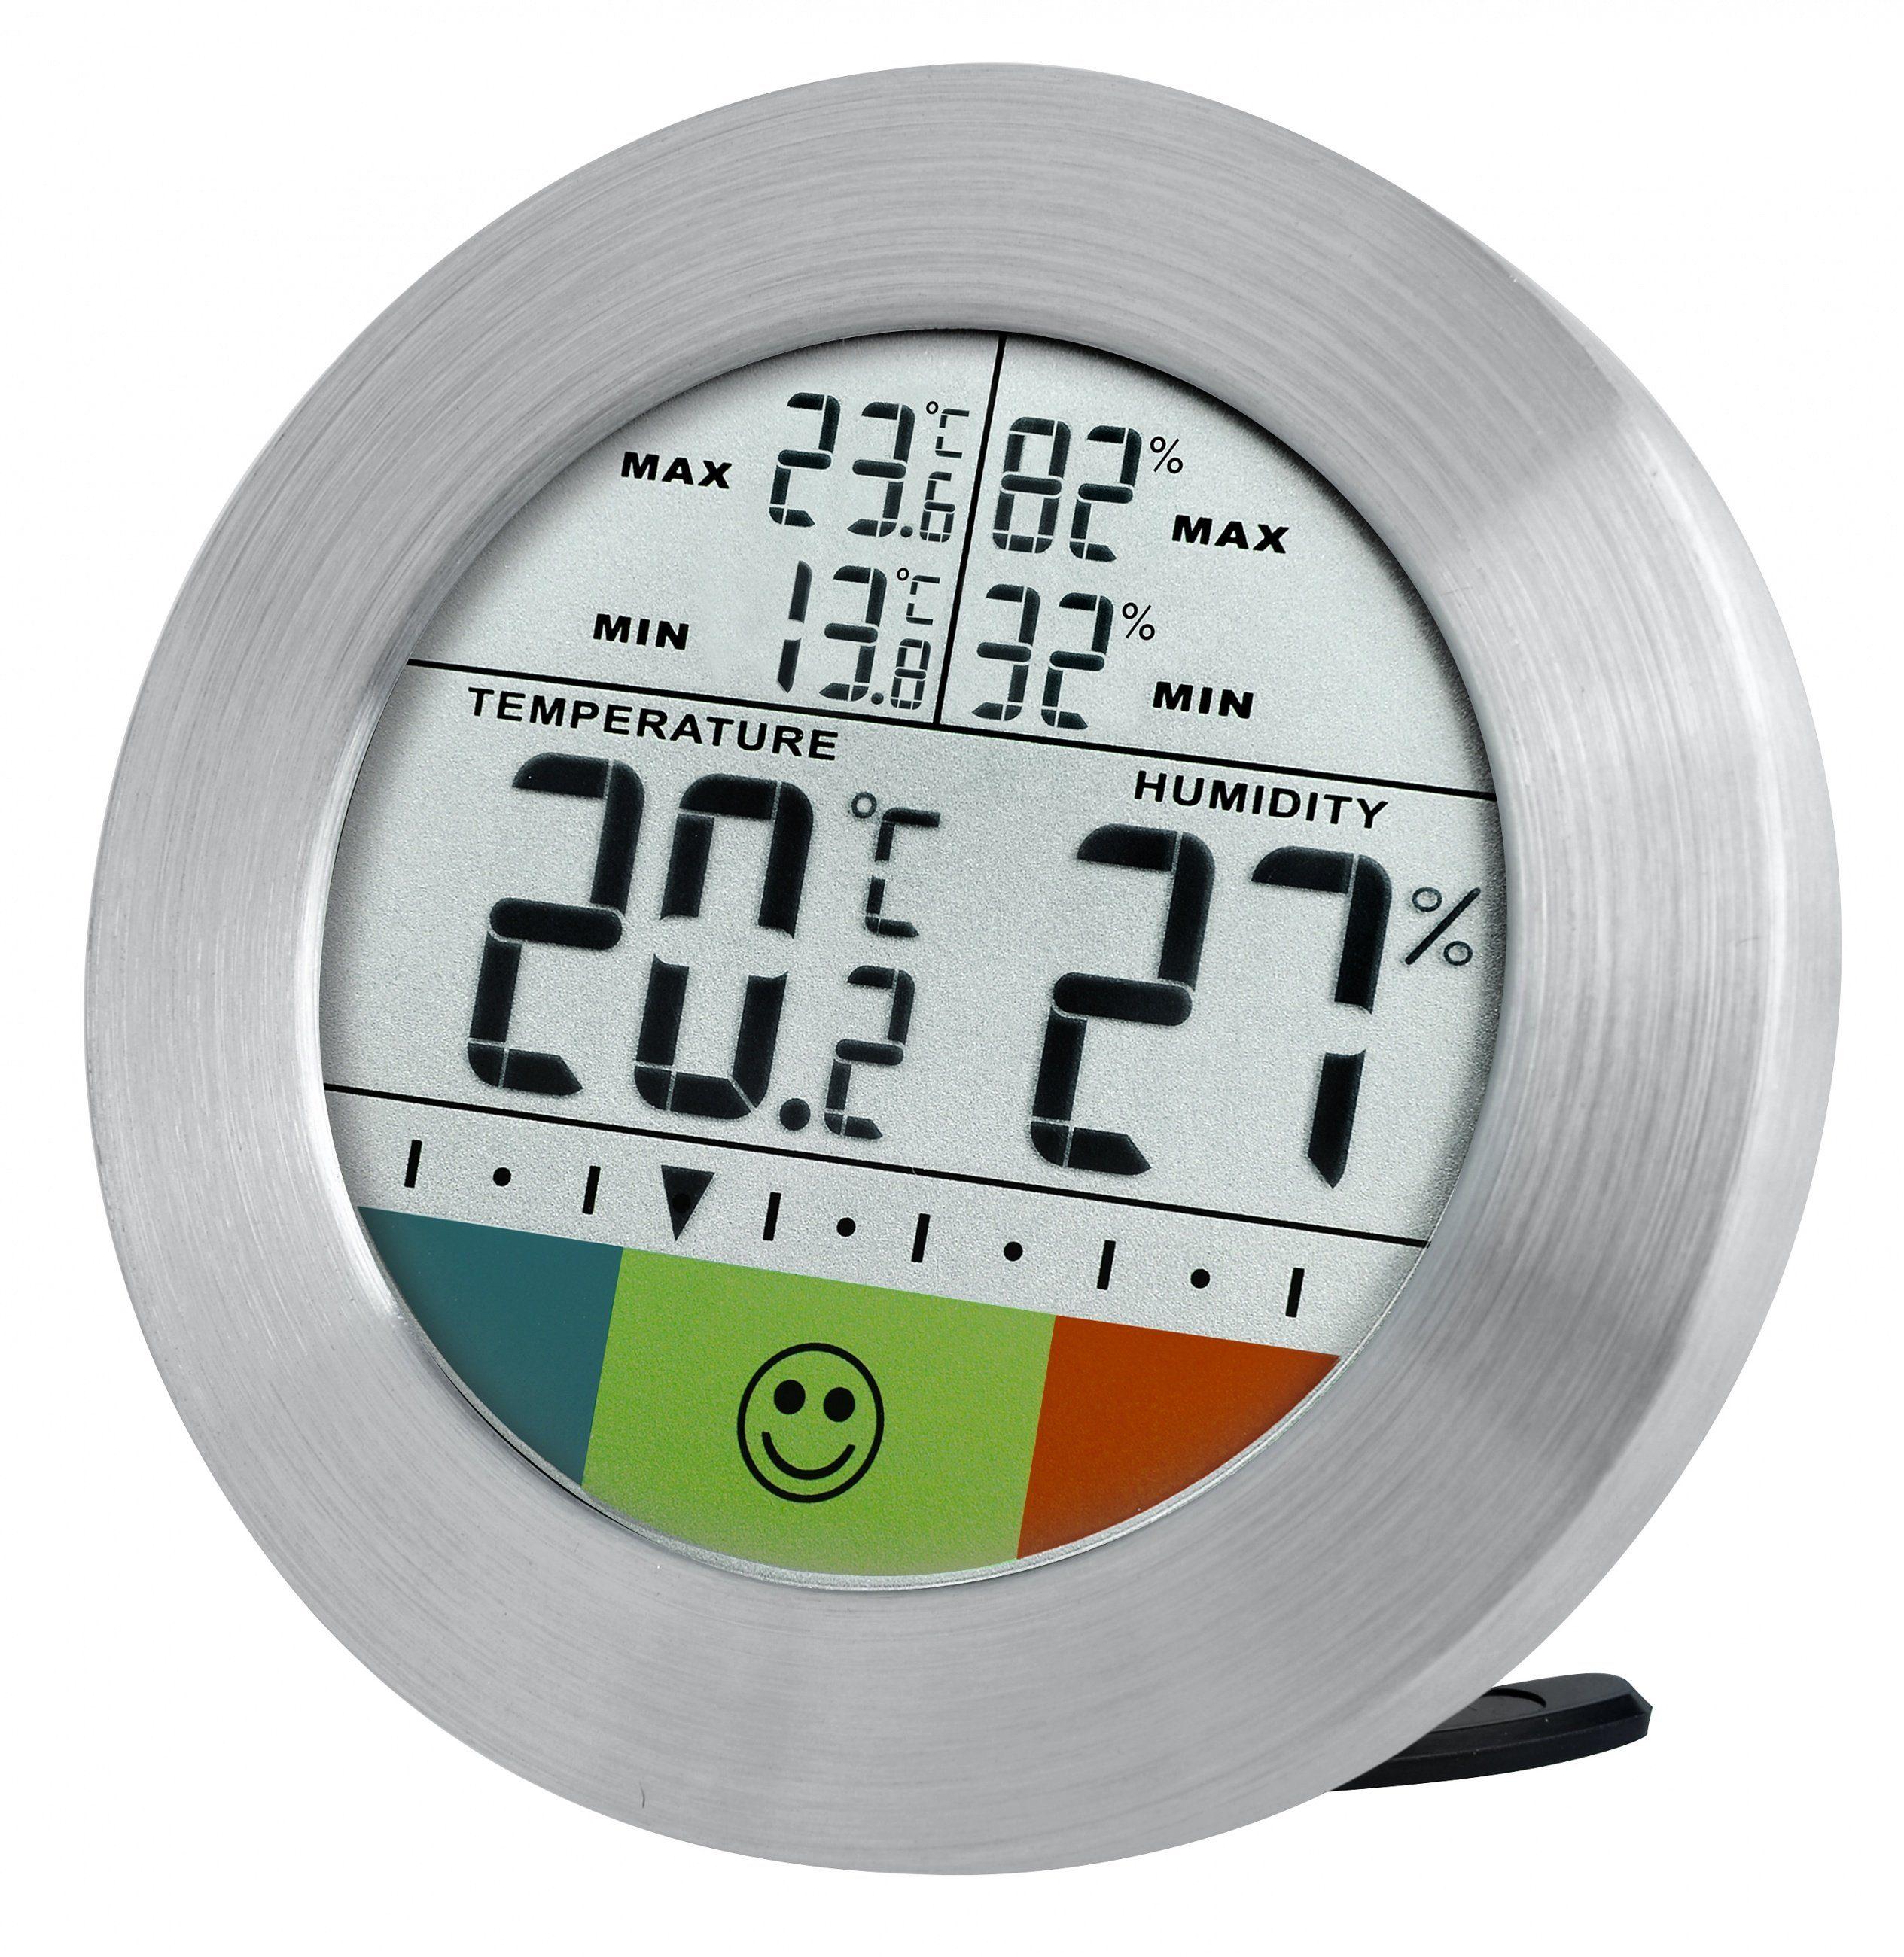 BRESSER Thermometer »BRESSER Temeo Hygro Circuitu digitales Thermometer«